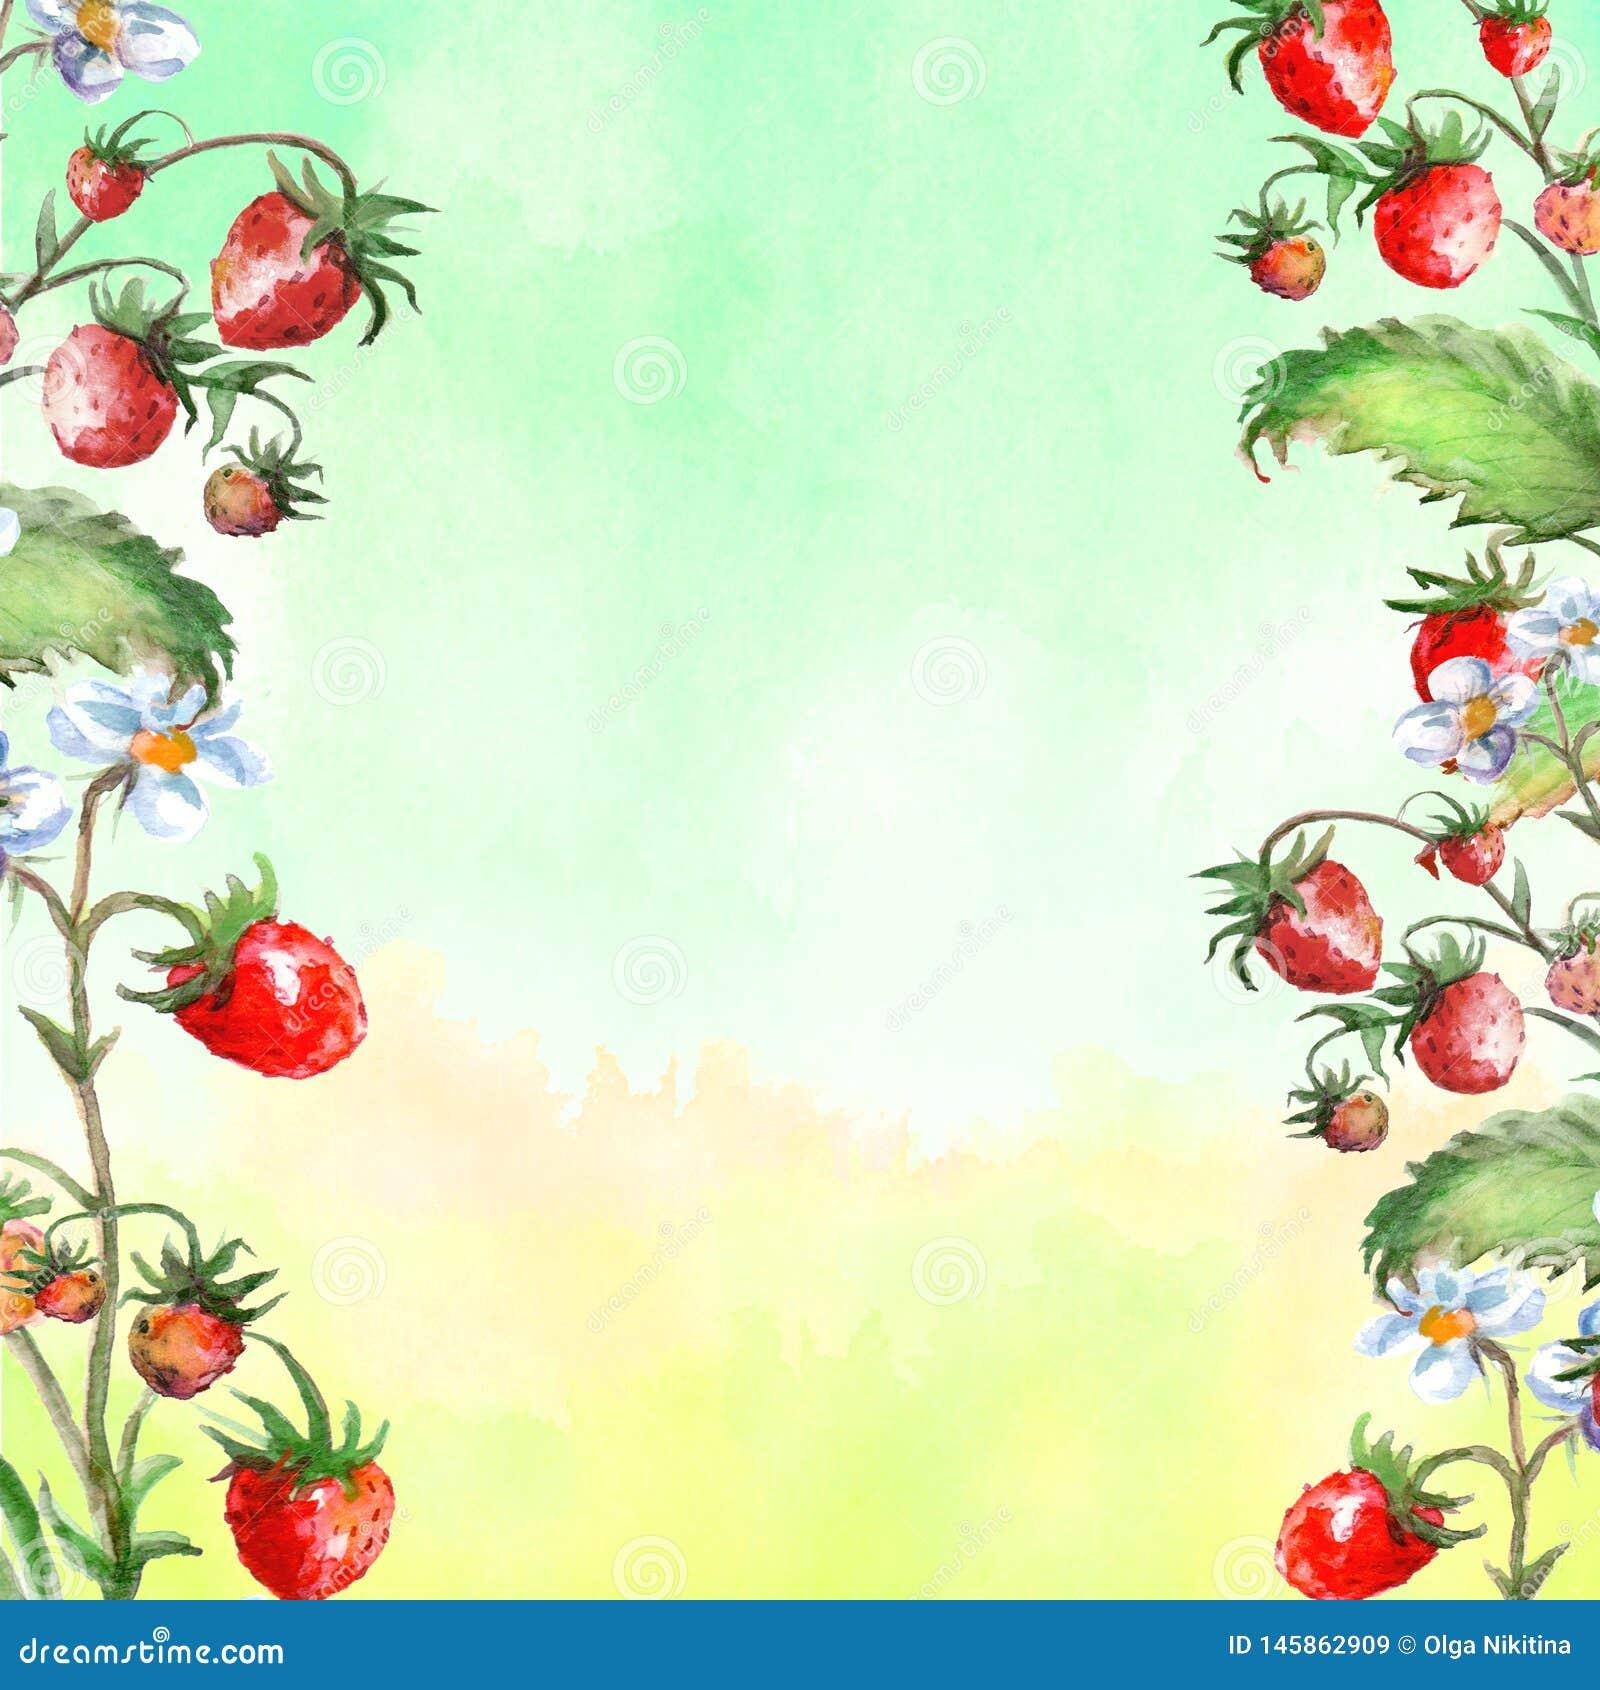 Tarjeta de felicitaci?n de la acuarela, invitaci?n con una fresa de la planta Arbusto floreciente con una baya y una flor rojas